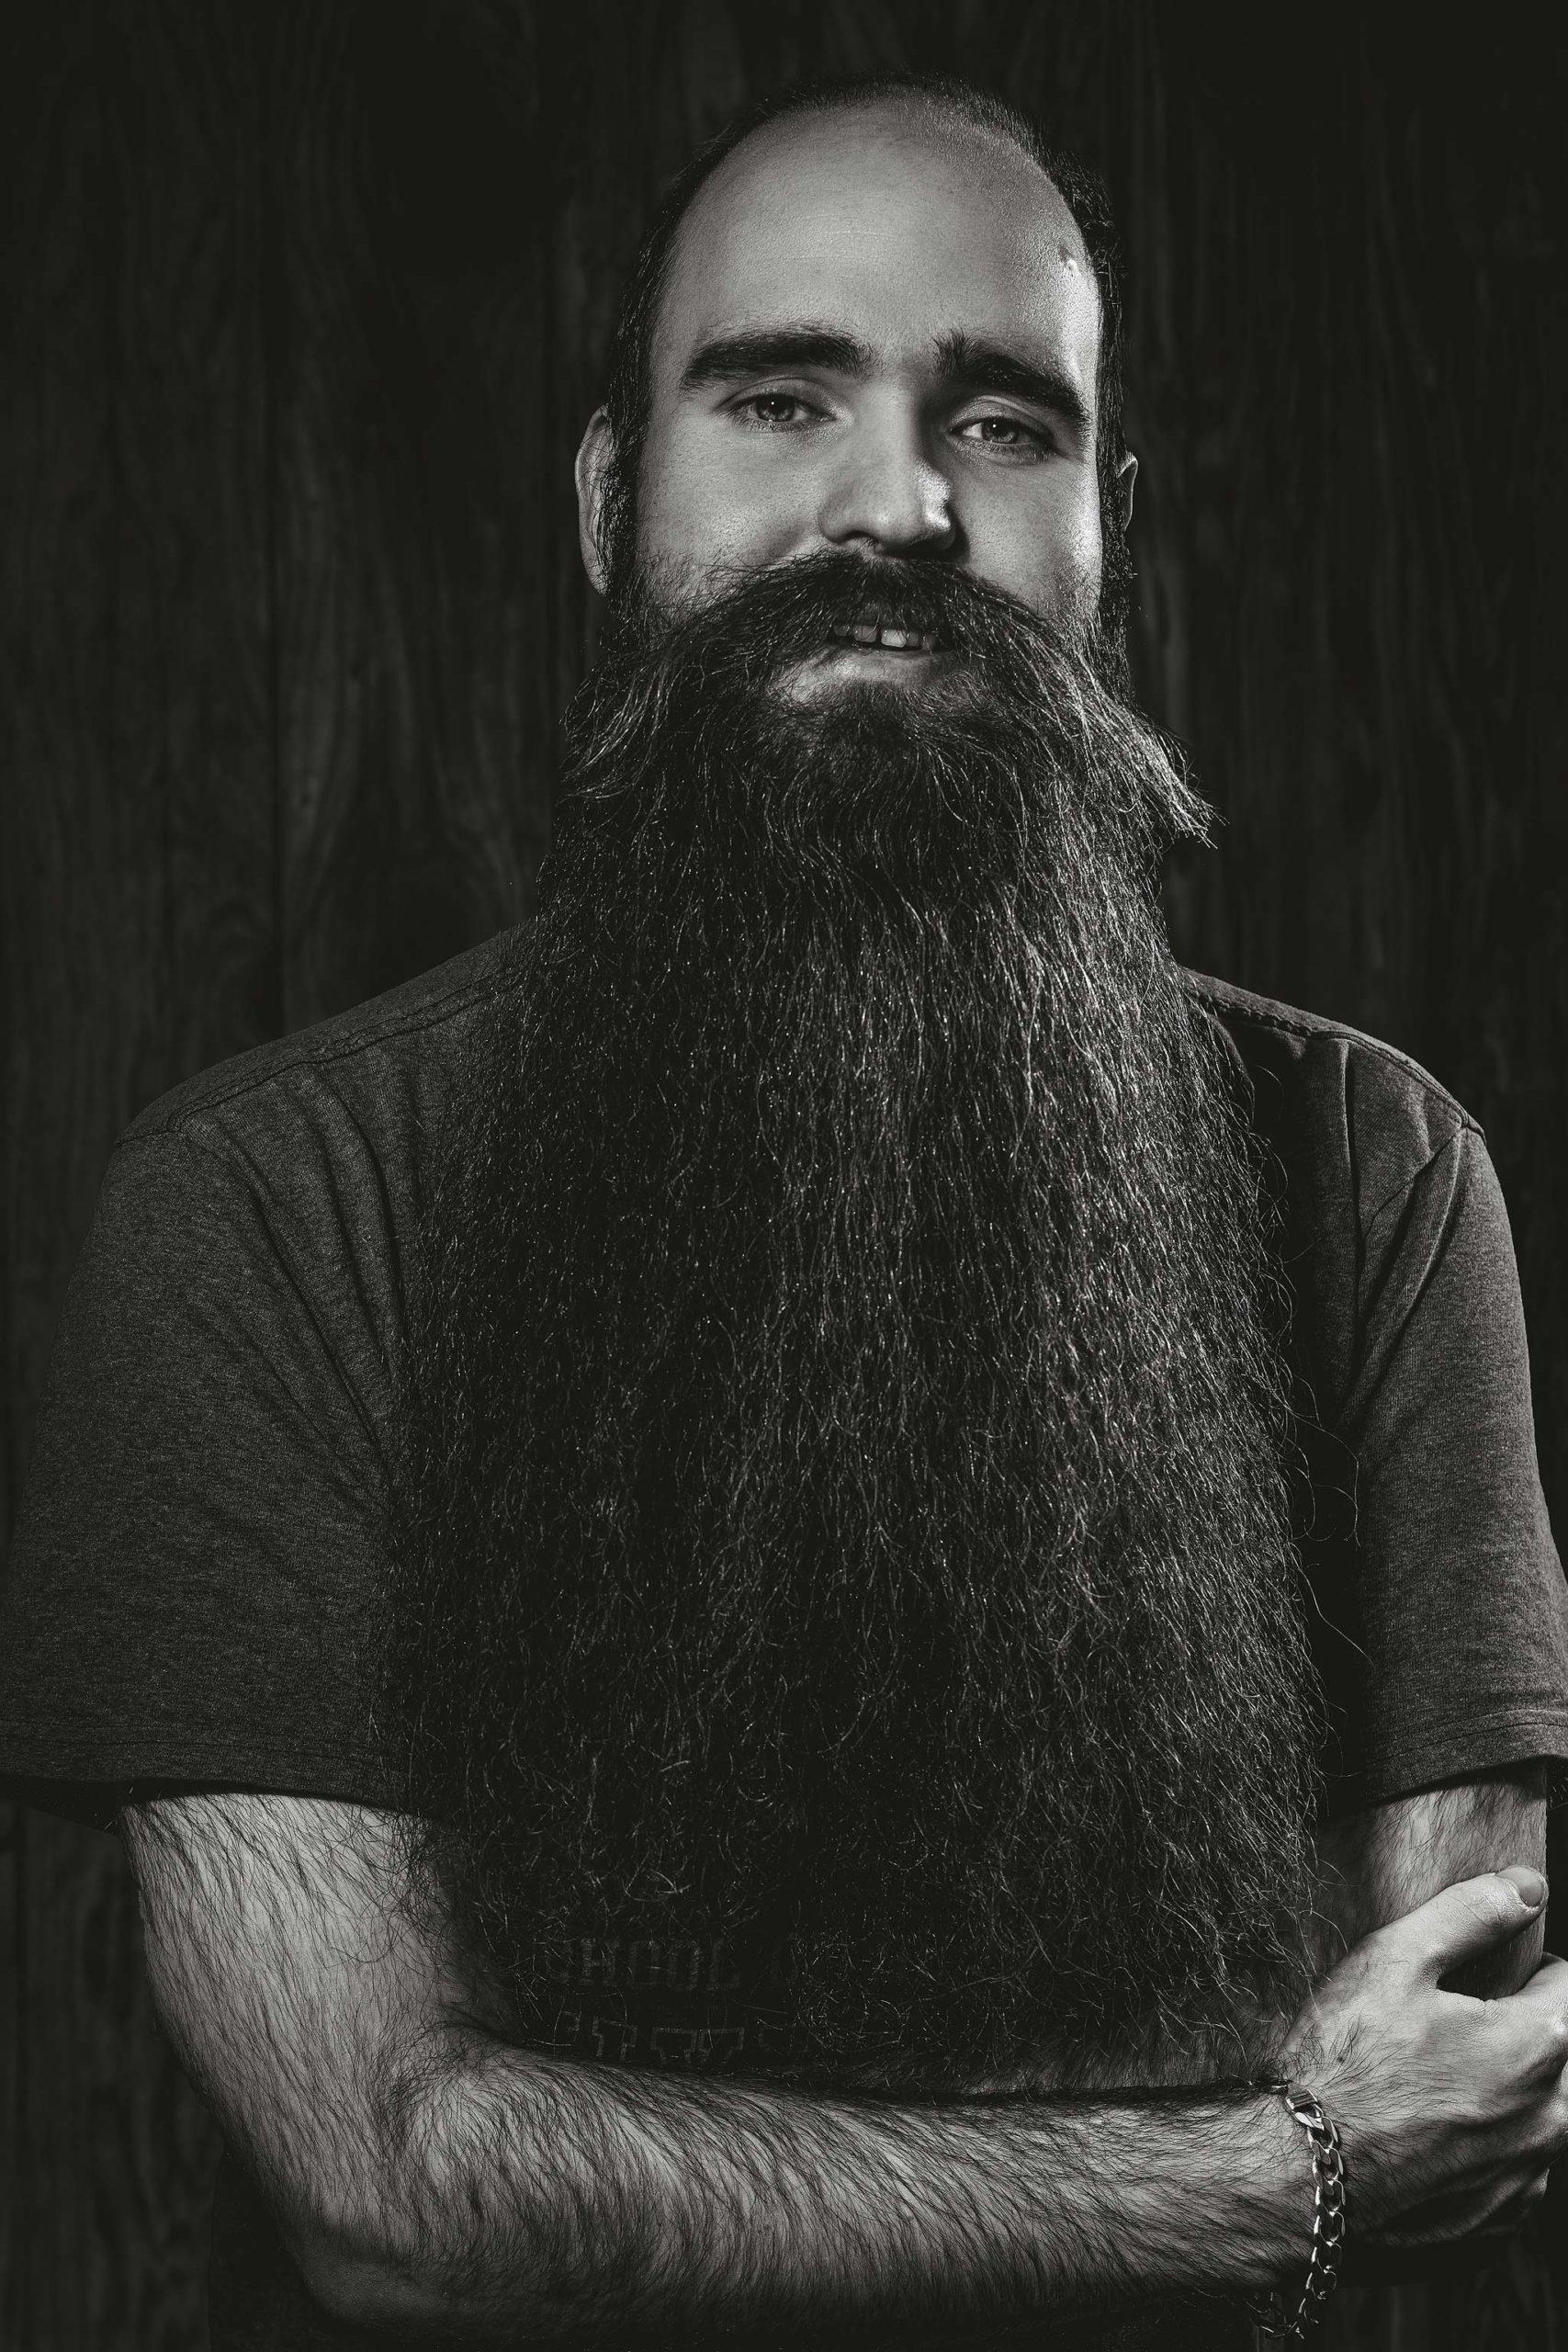 Der längste Bart